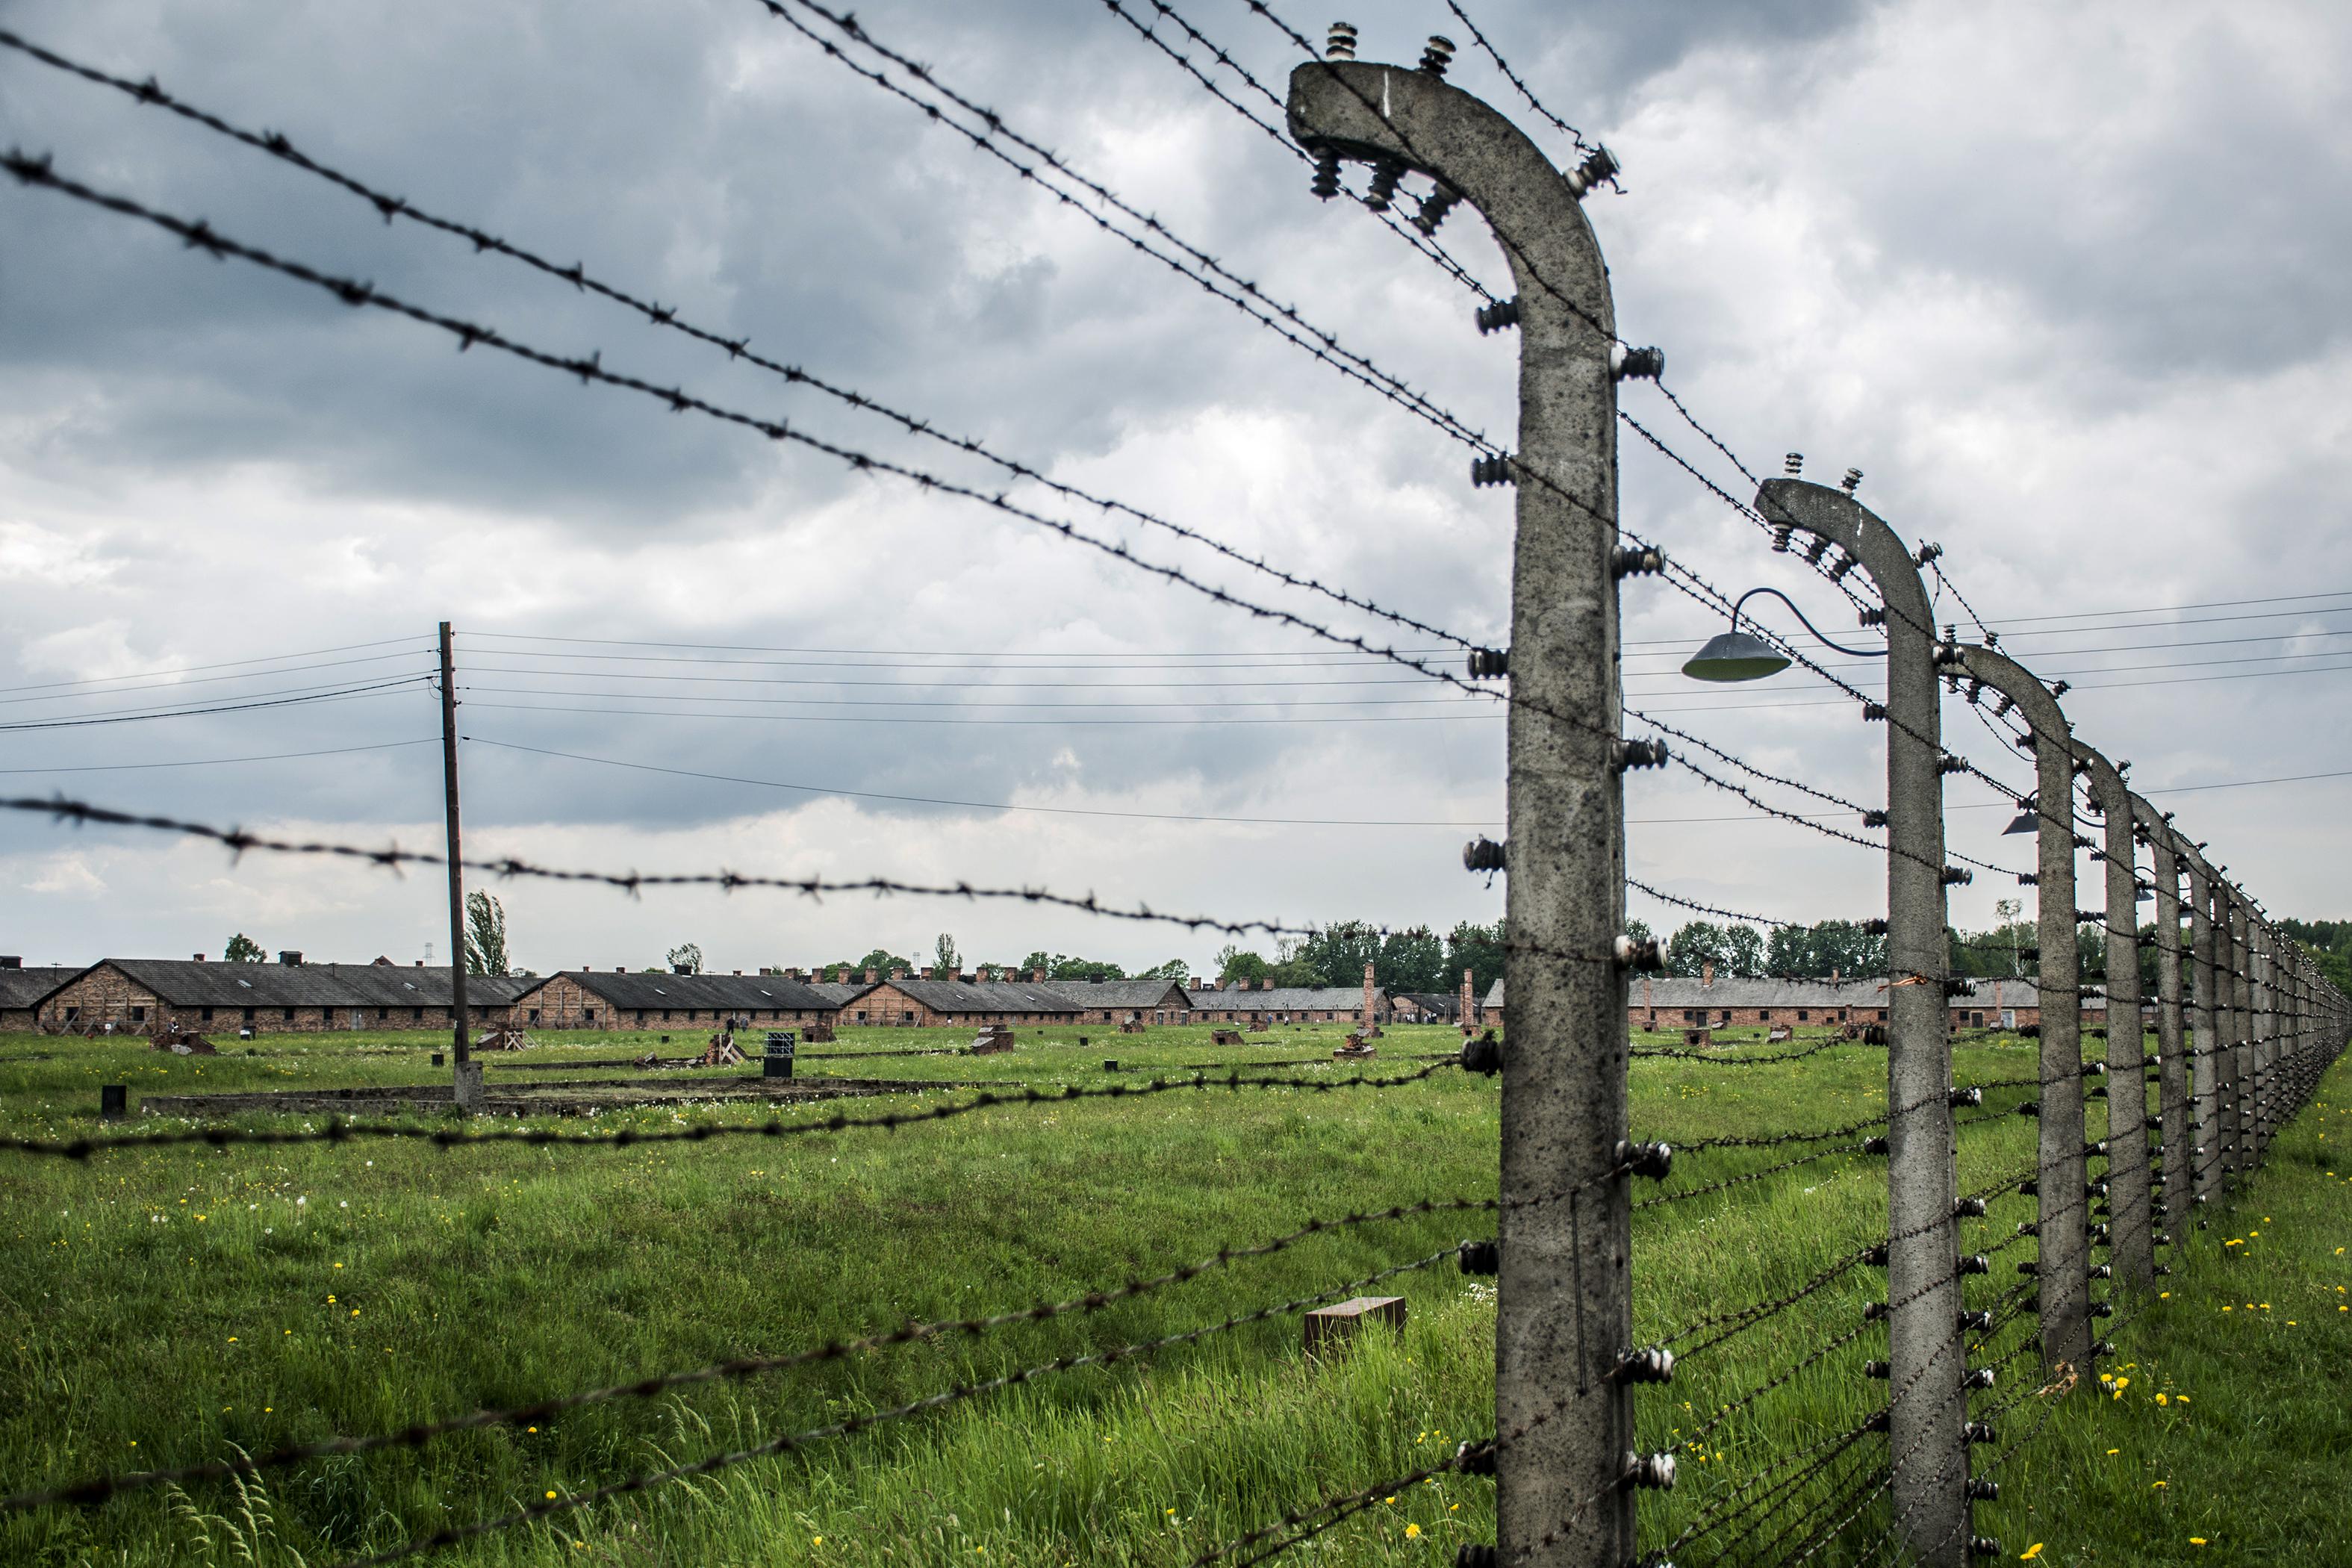 Un fost gardian de lagăr de concentrare ar putea fi judecat la vârsta de 95 de ani